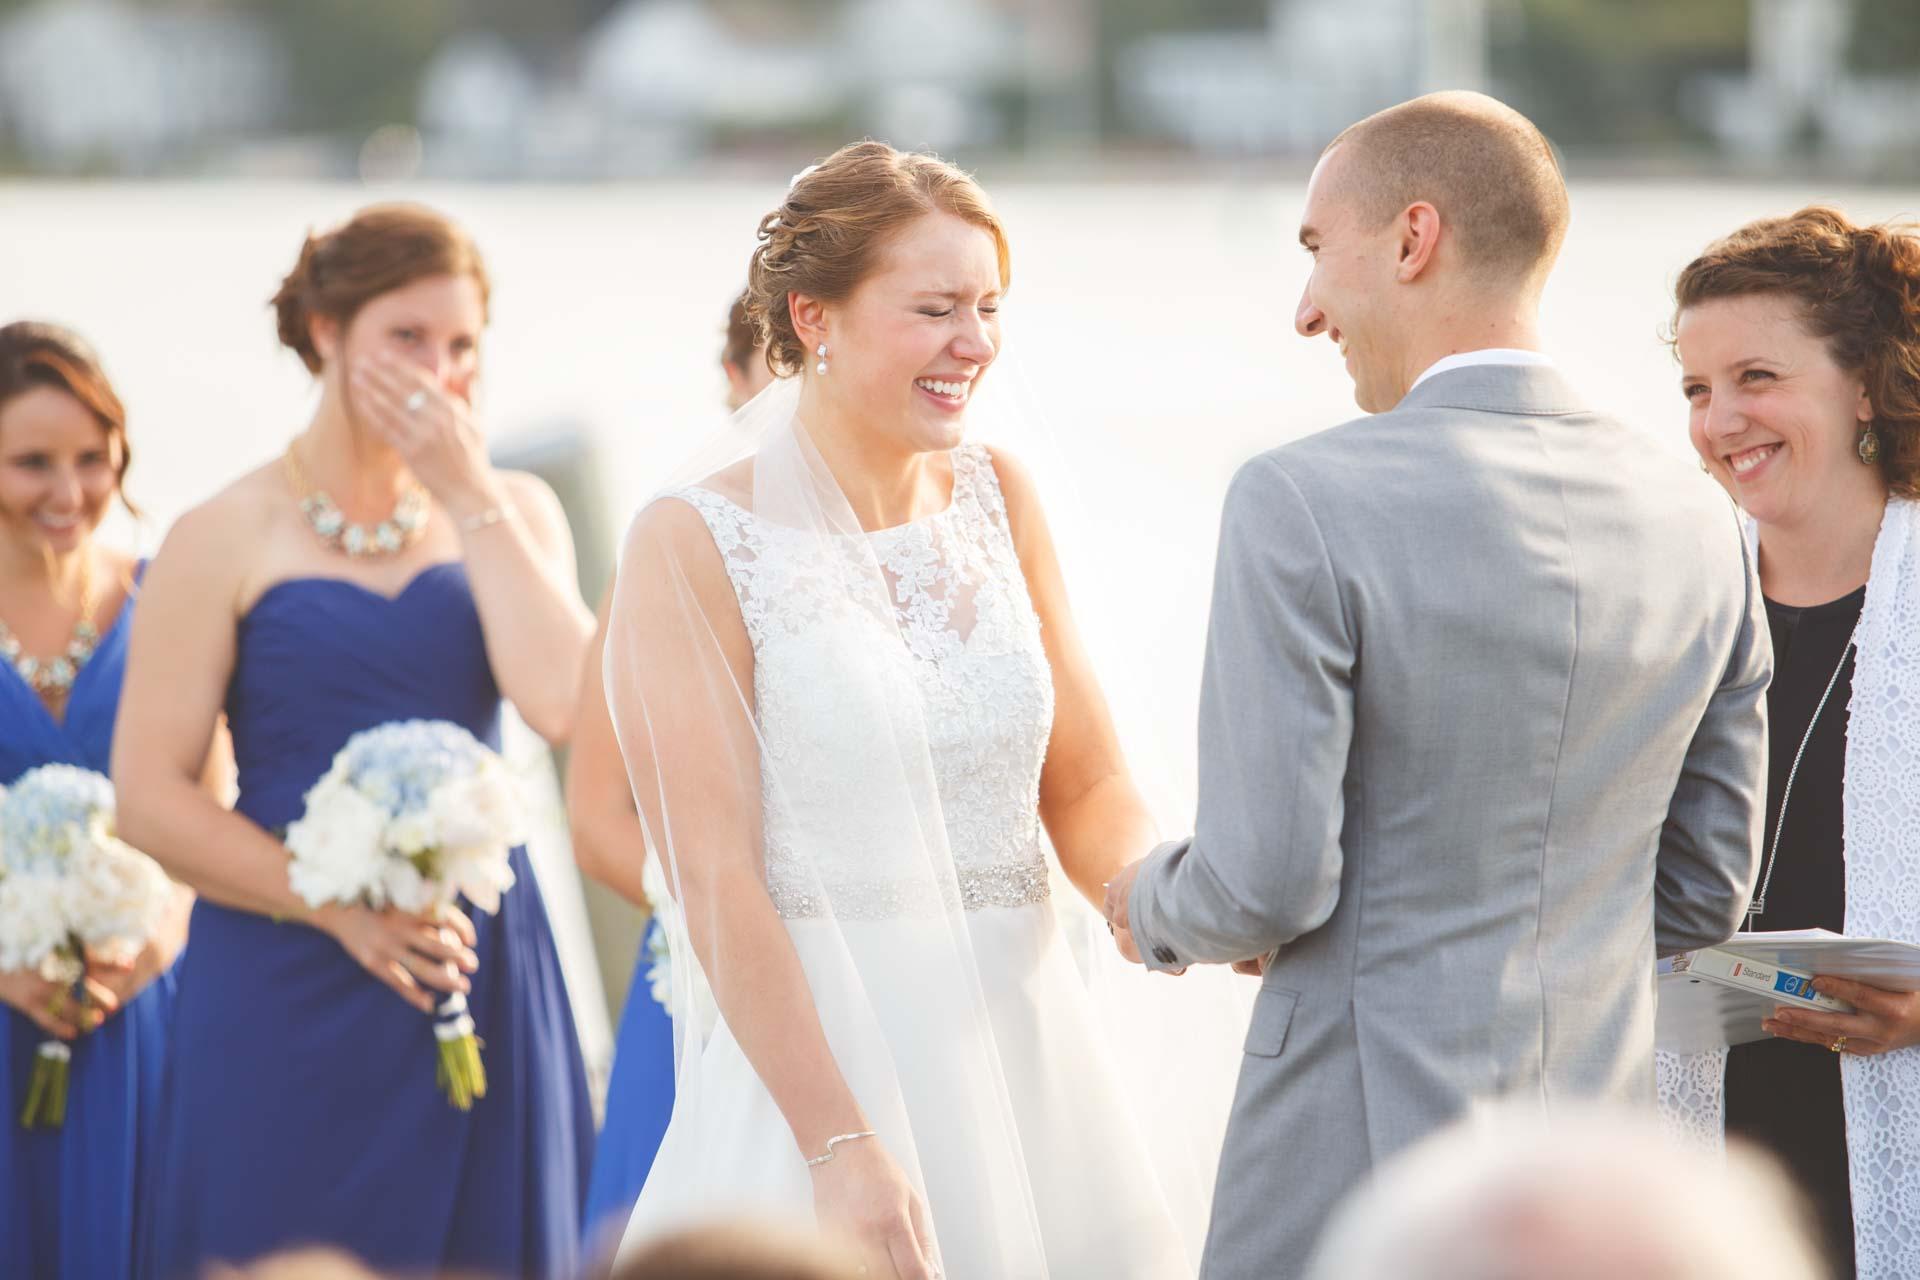 latitude-41-wedding-photography (24 of 66).jpg